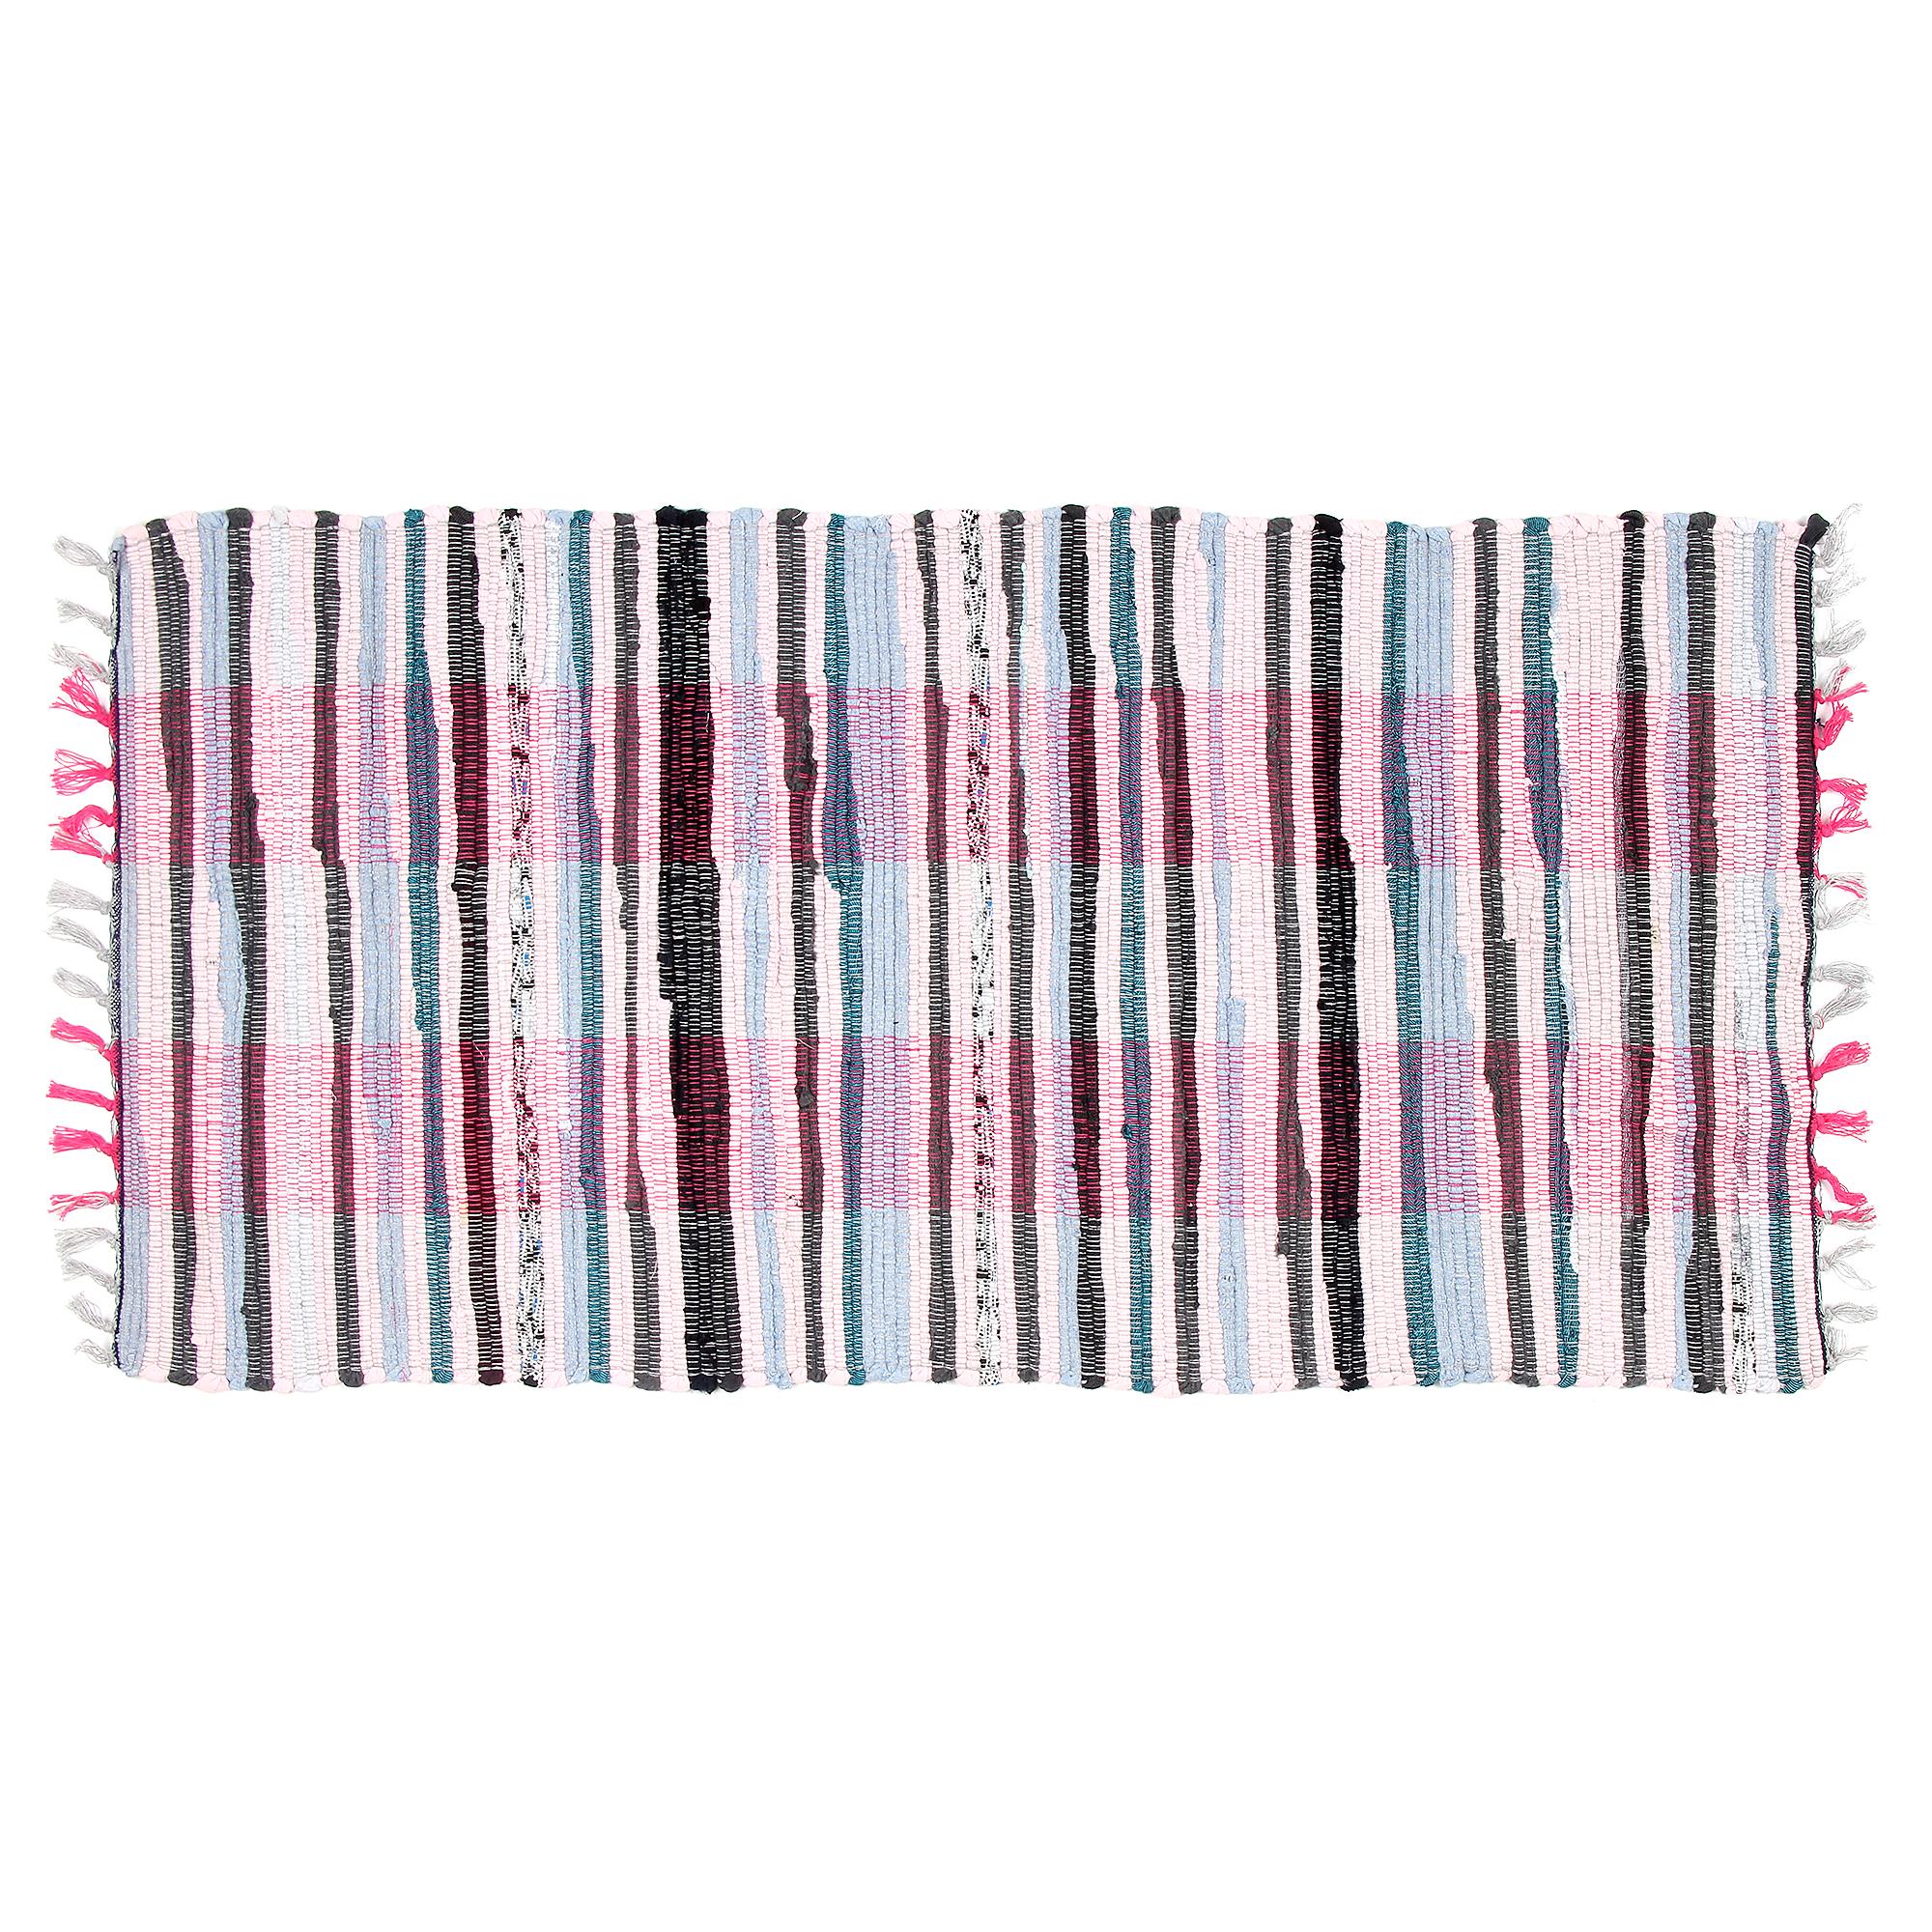 Купить Коврик лоскутный хлопковый Sindbad 6022 55х110 см, коврик придверный, Индия, хлопок